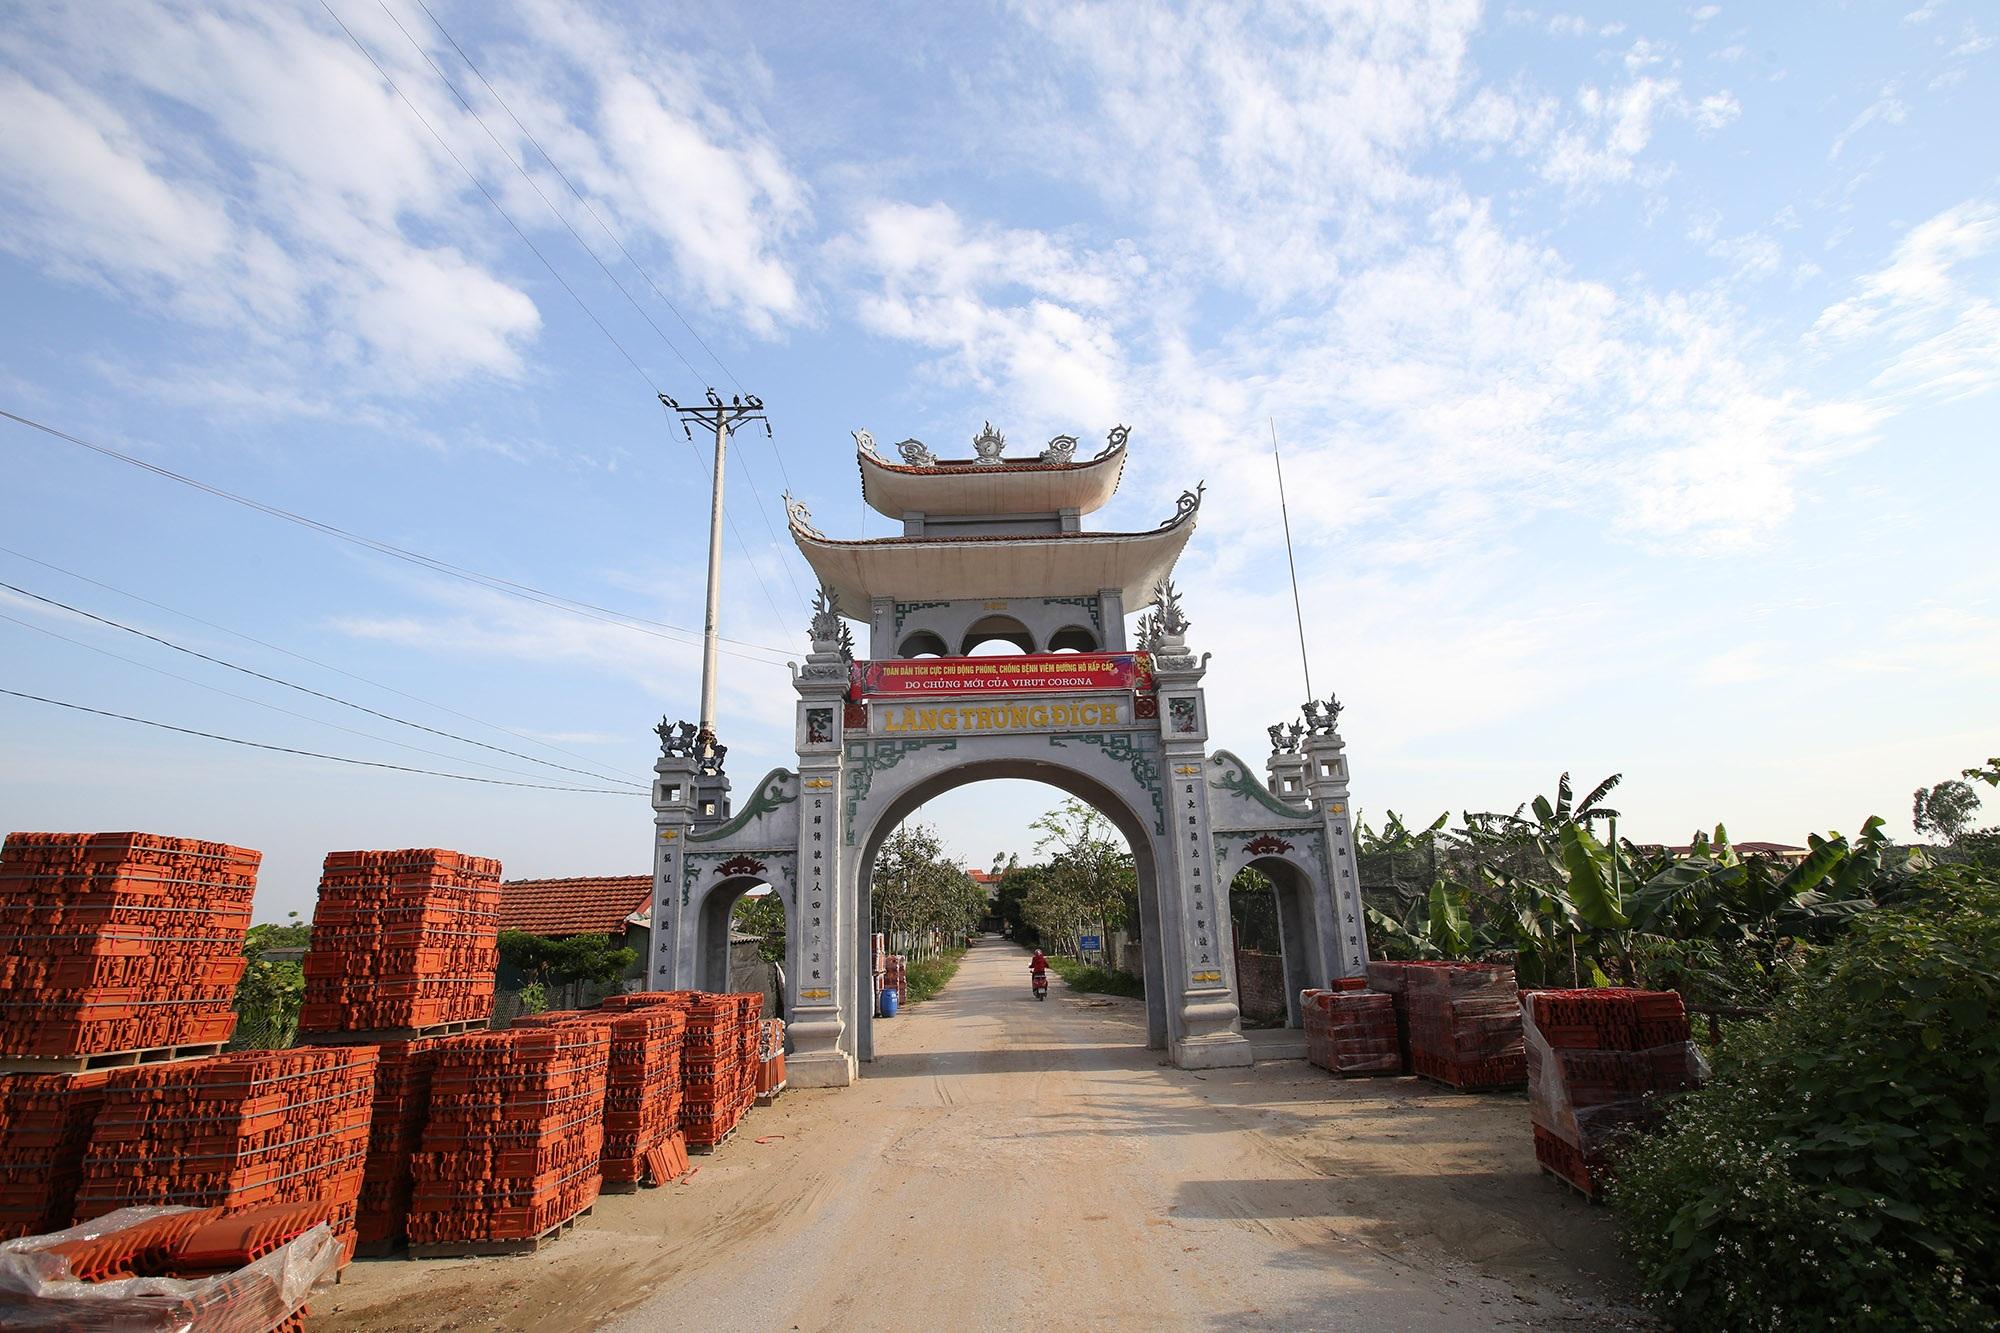 Vùng đất có nhiều cổng làng khủng - 21